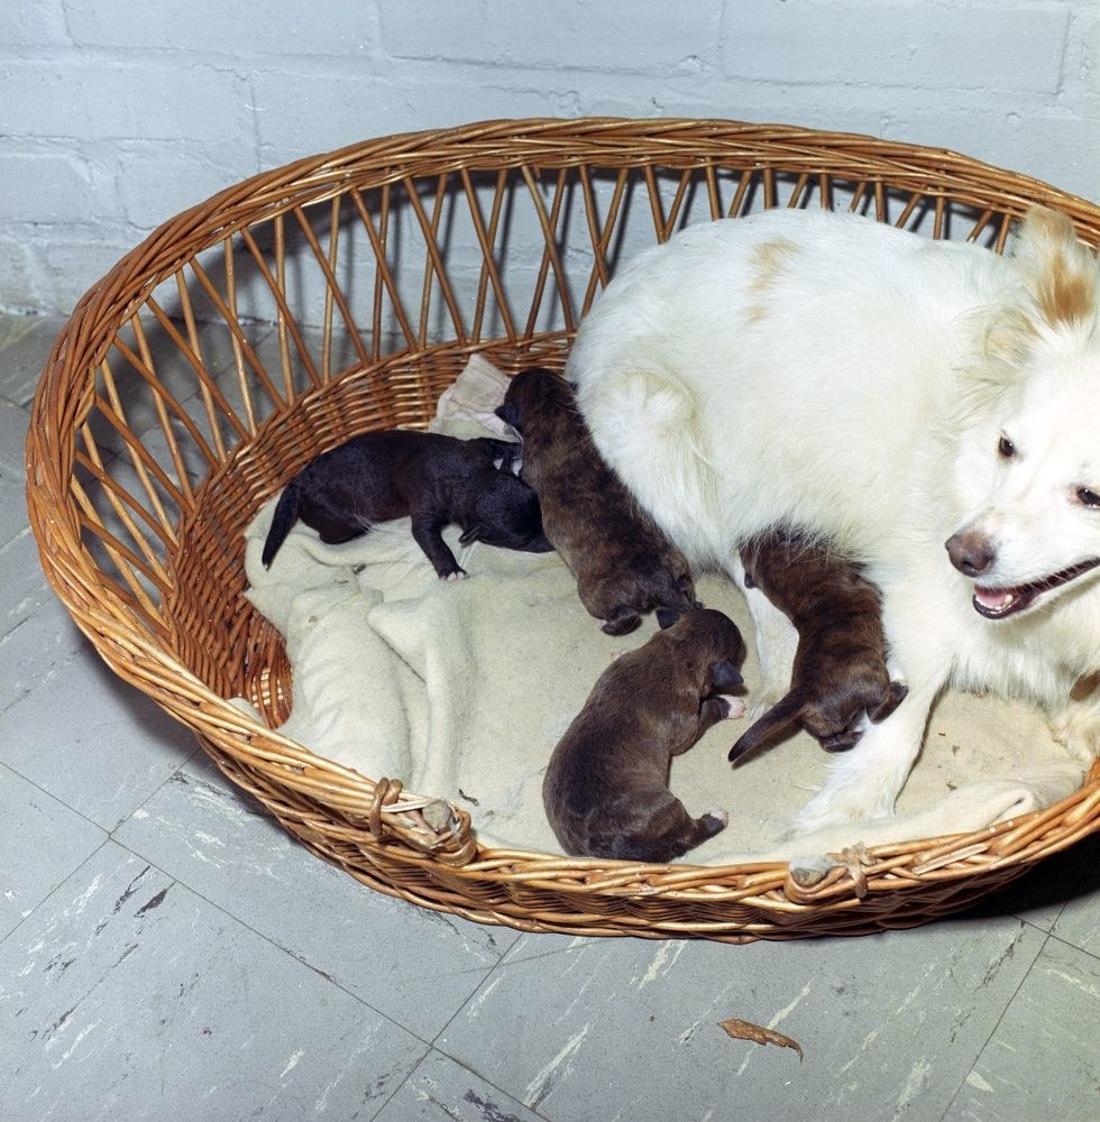 Hündin Pushinka liegt in einem Korb mit ihren neugeborenen Welpen.